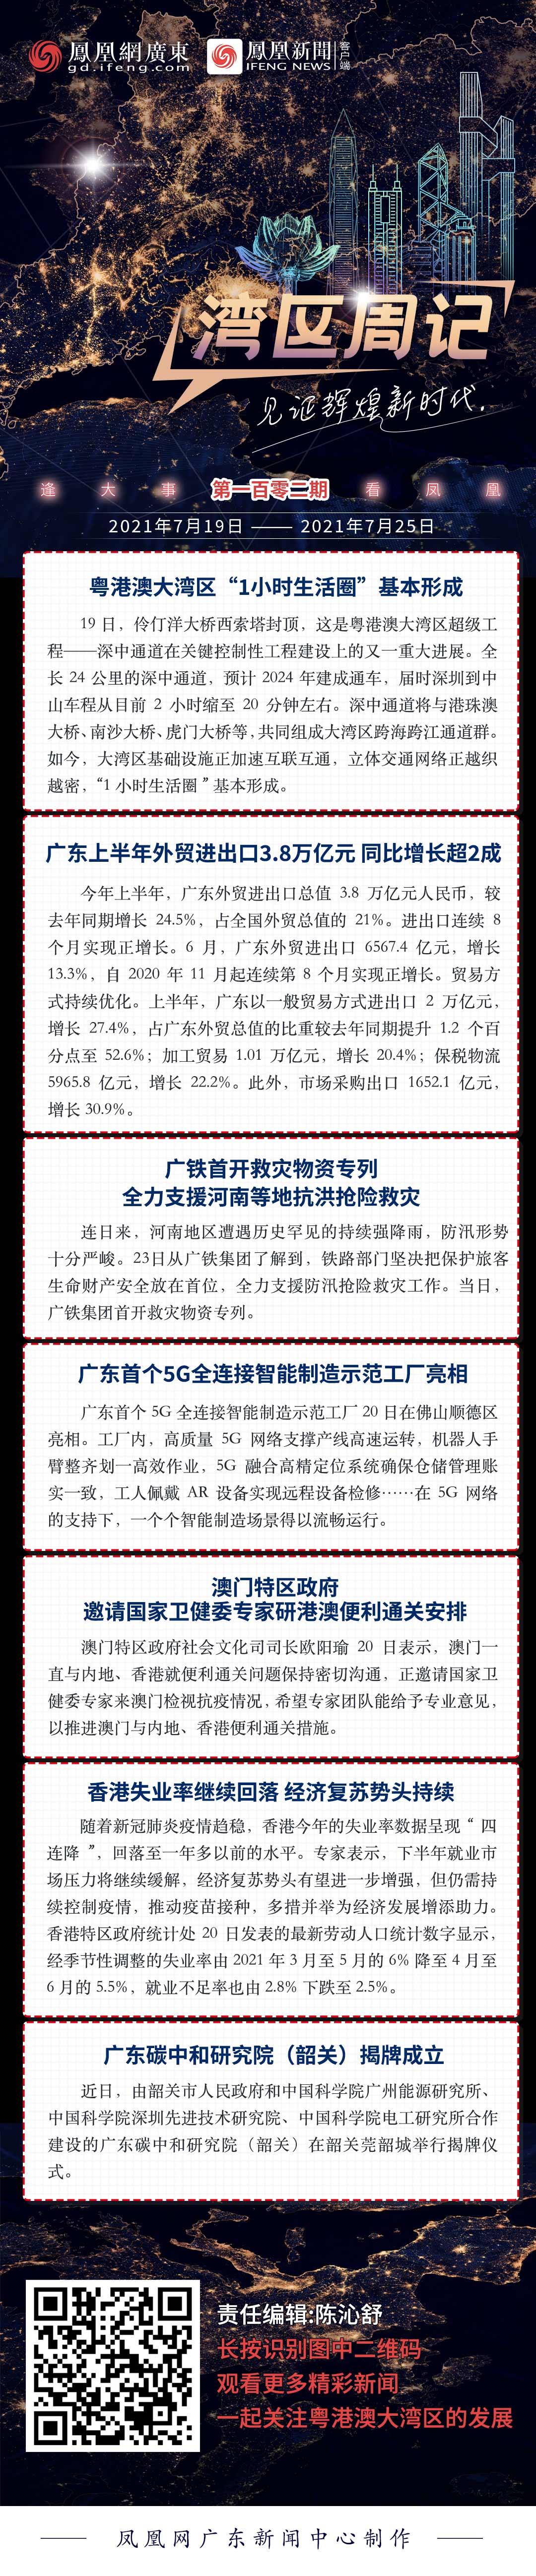 """湾区周记No.102丨粤港澳大湾区""""1小时生活圈""""基本形成"""